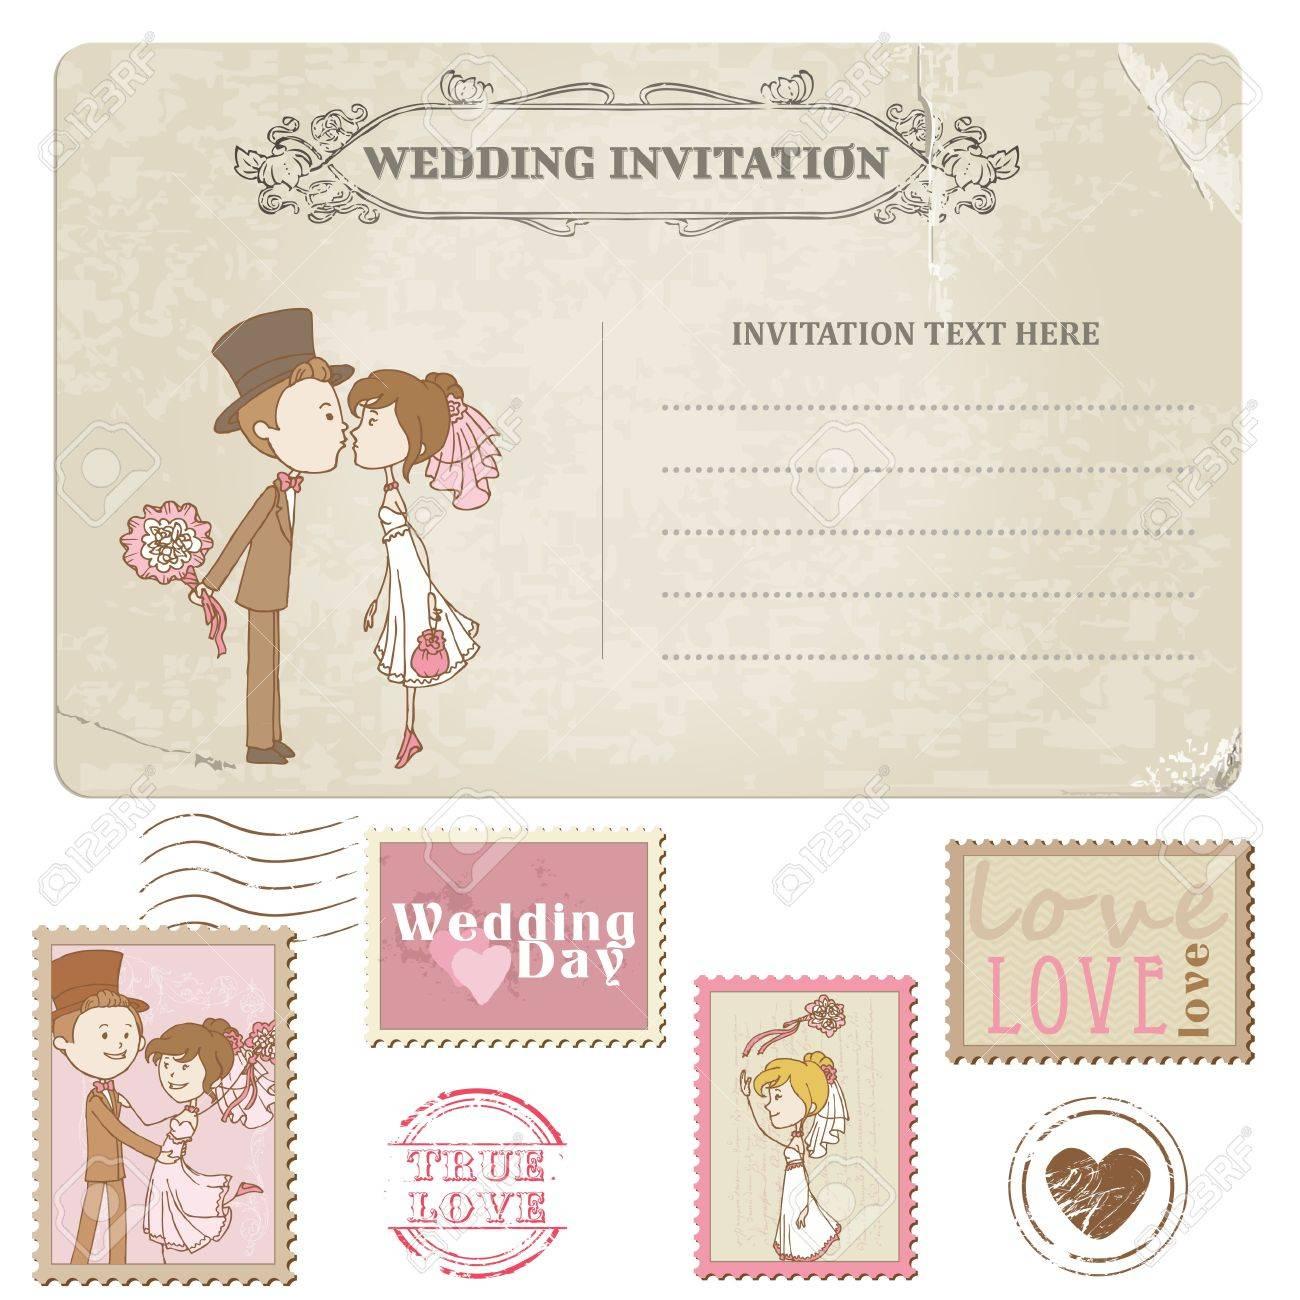 Hochzeits Postkarte Und Briefmarken   Für Hochzeit Design, Einladung,  Gratulation, Gästebuch Standard